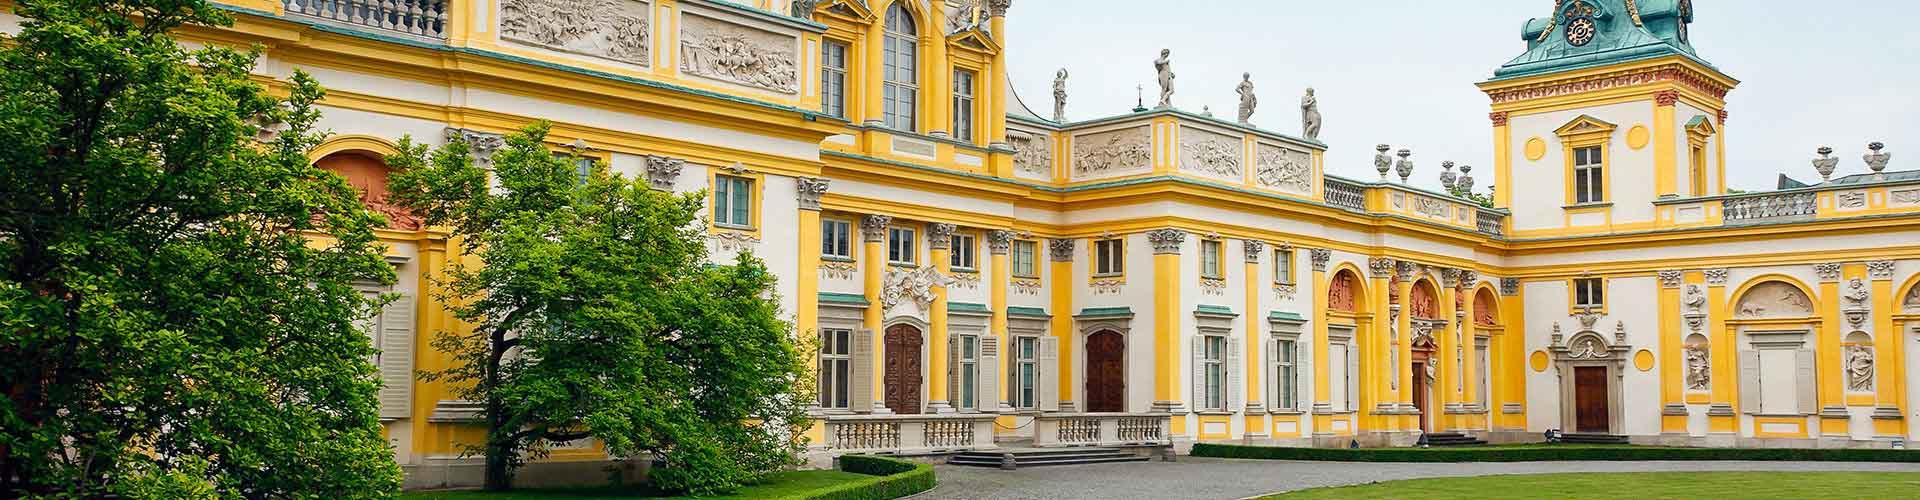 바르샤바 - 시티 센터에 가까운 아파트. 바르샤바의 지도, 바르샤바에 위치한 아파트에 대한 사진 및 리뷰.